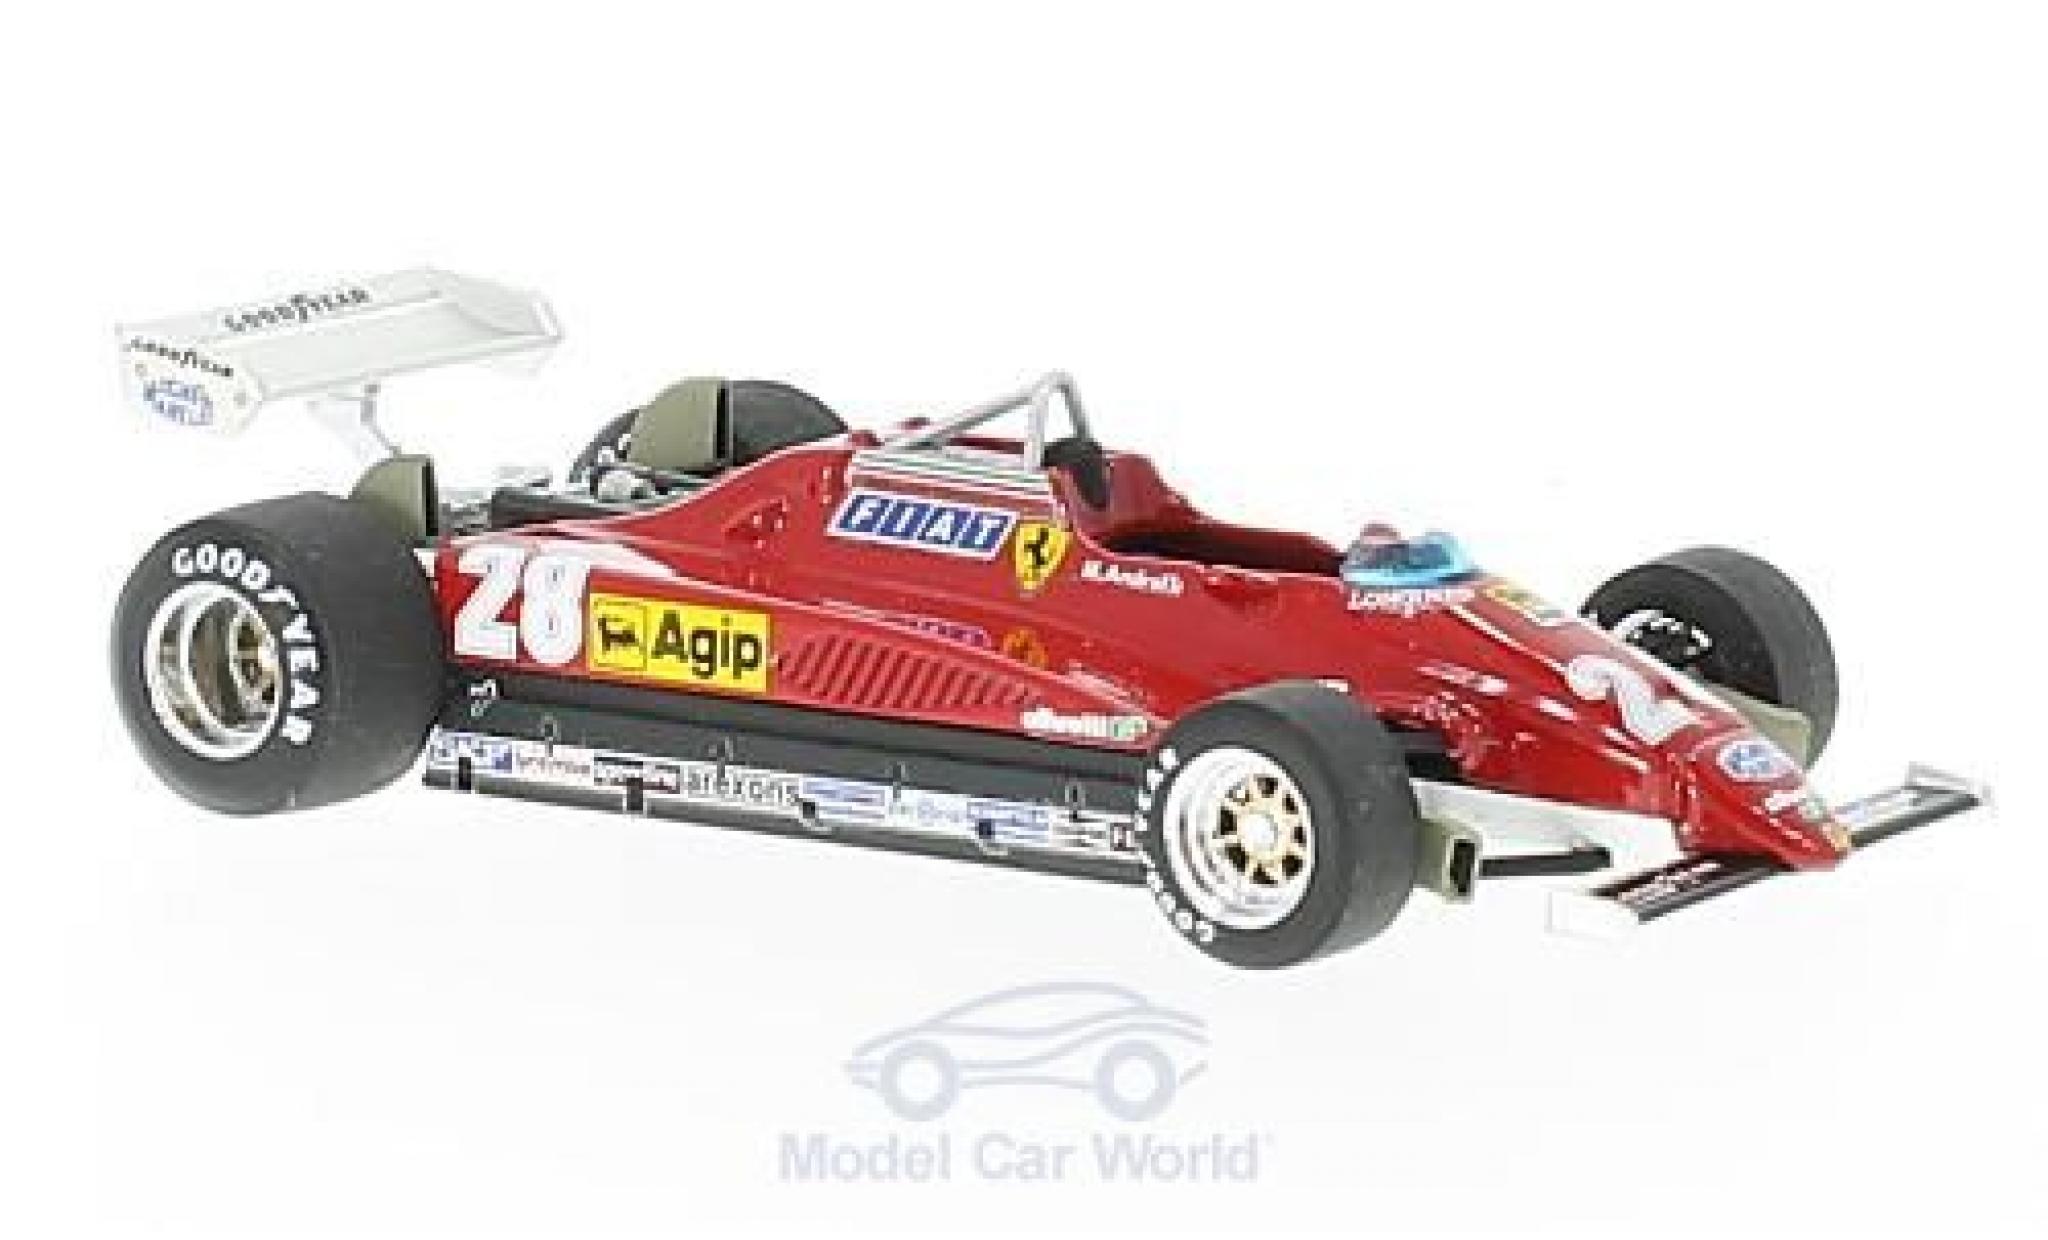 Ferrari 126 1982 1/43 Brumm C2 turbo No.28 Formel 1 GP Italien 1982 M.Andretti